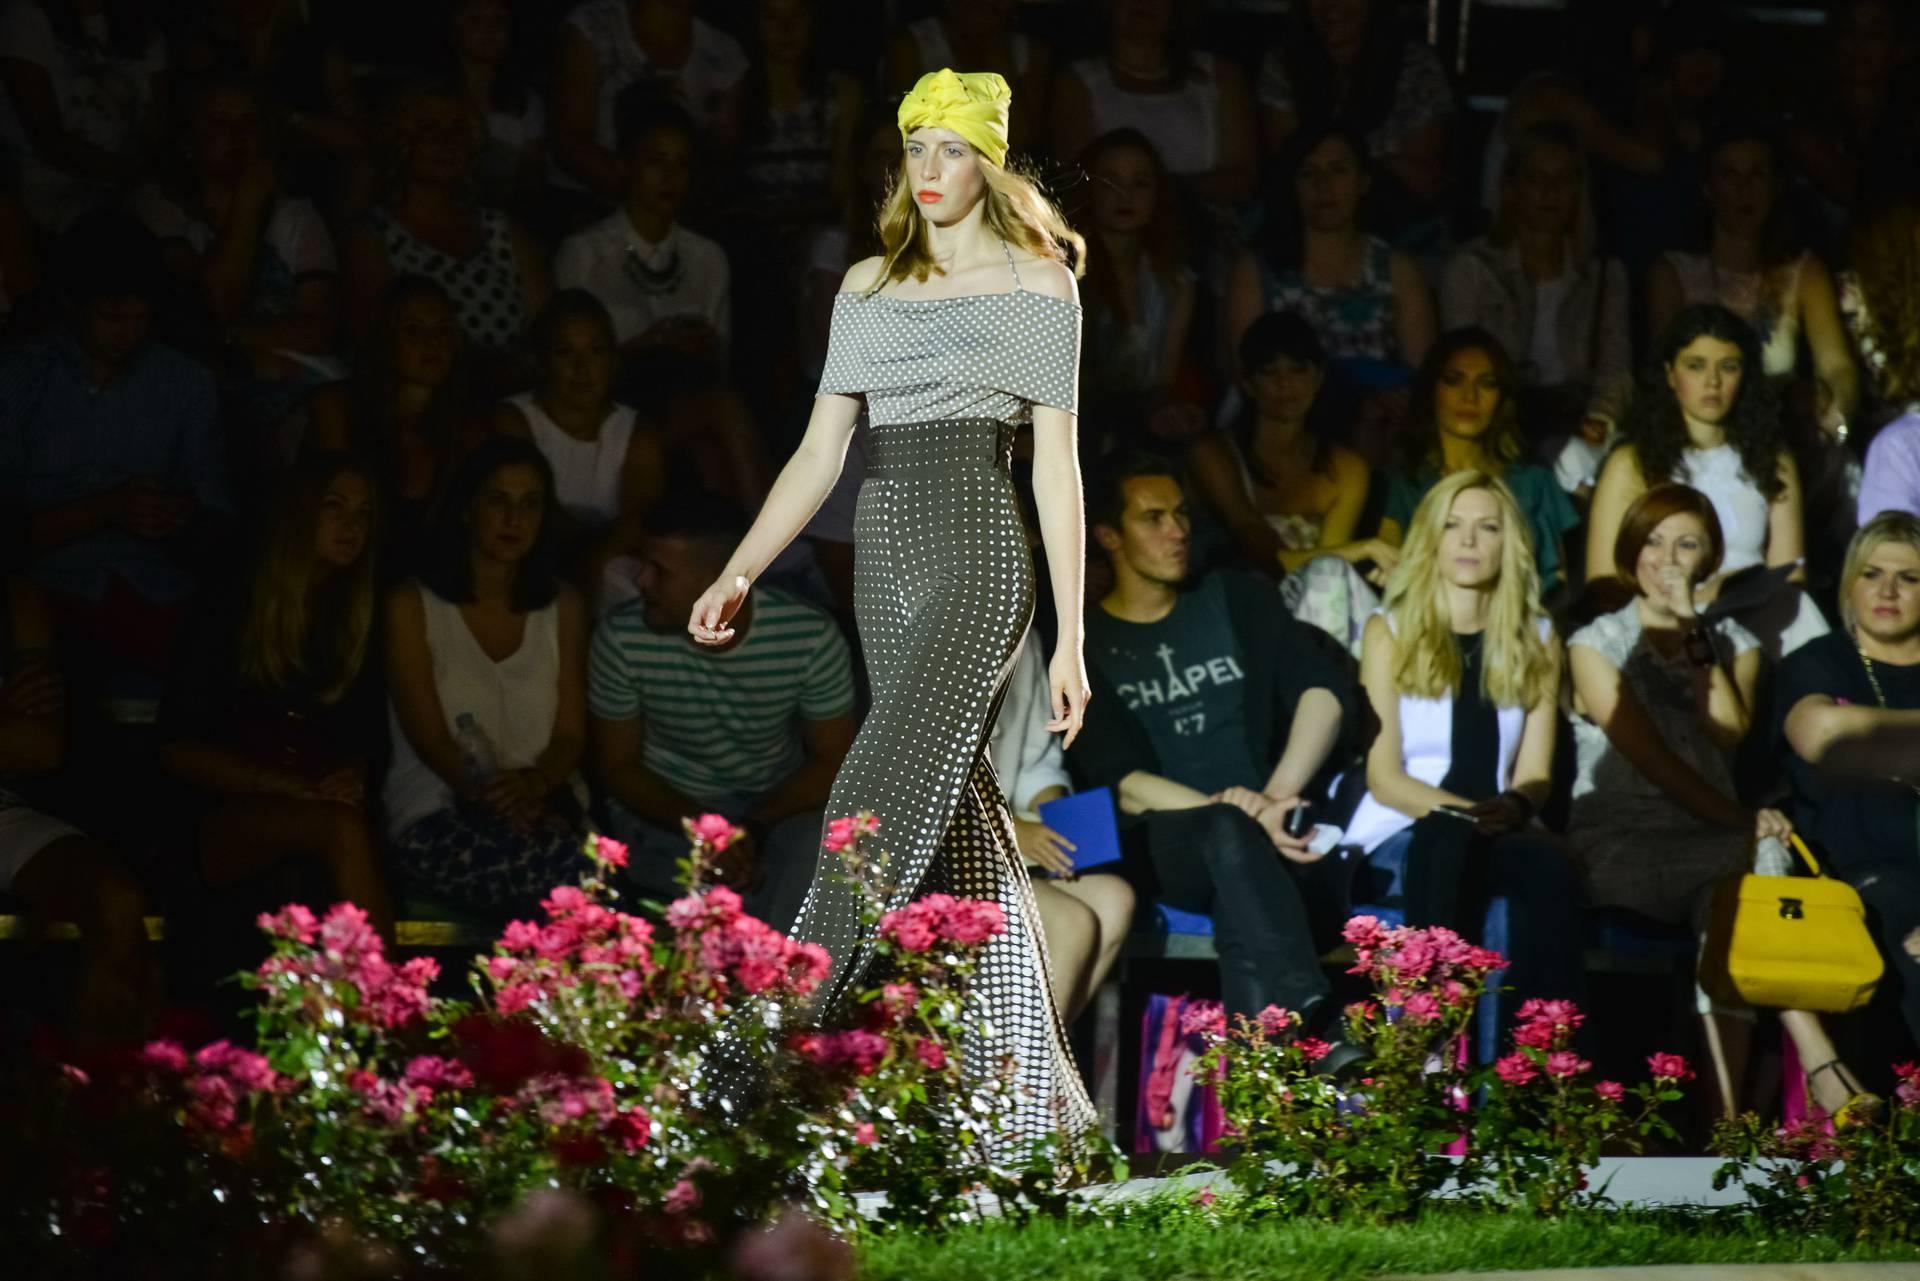 Fashion.hr  revije bit će u srpnju u raskošnom zagrebačkom vrtu